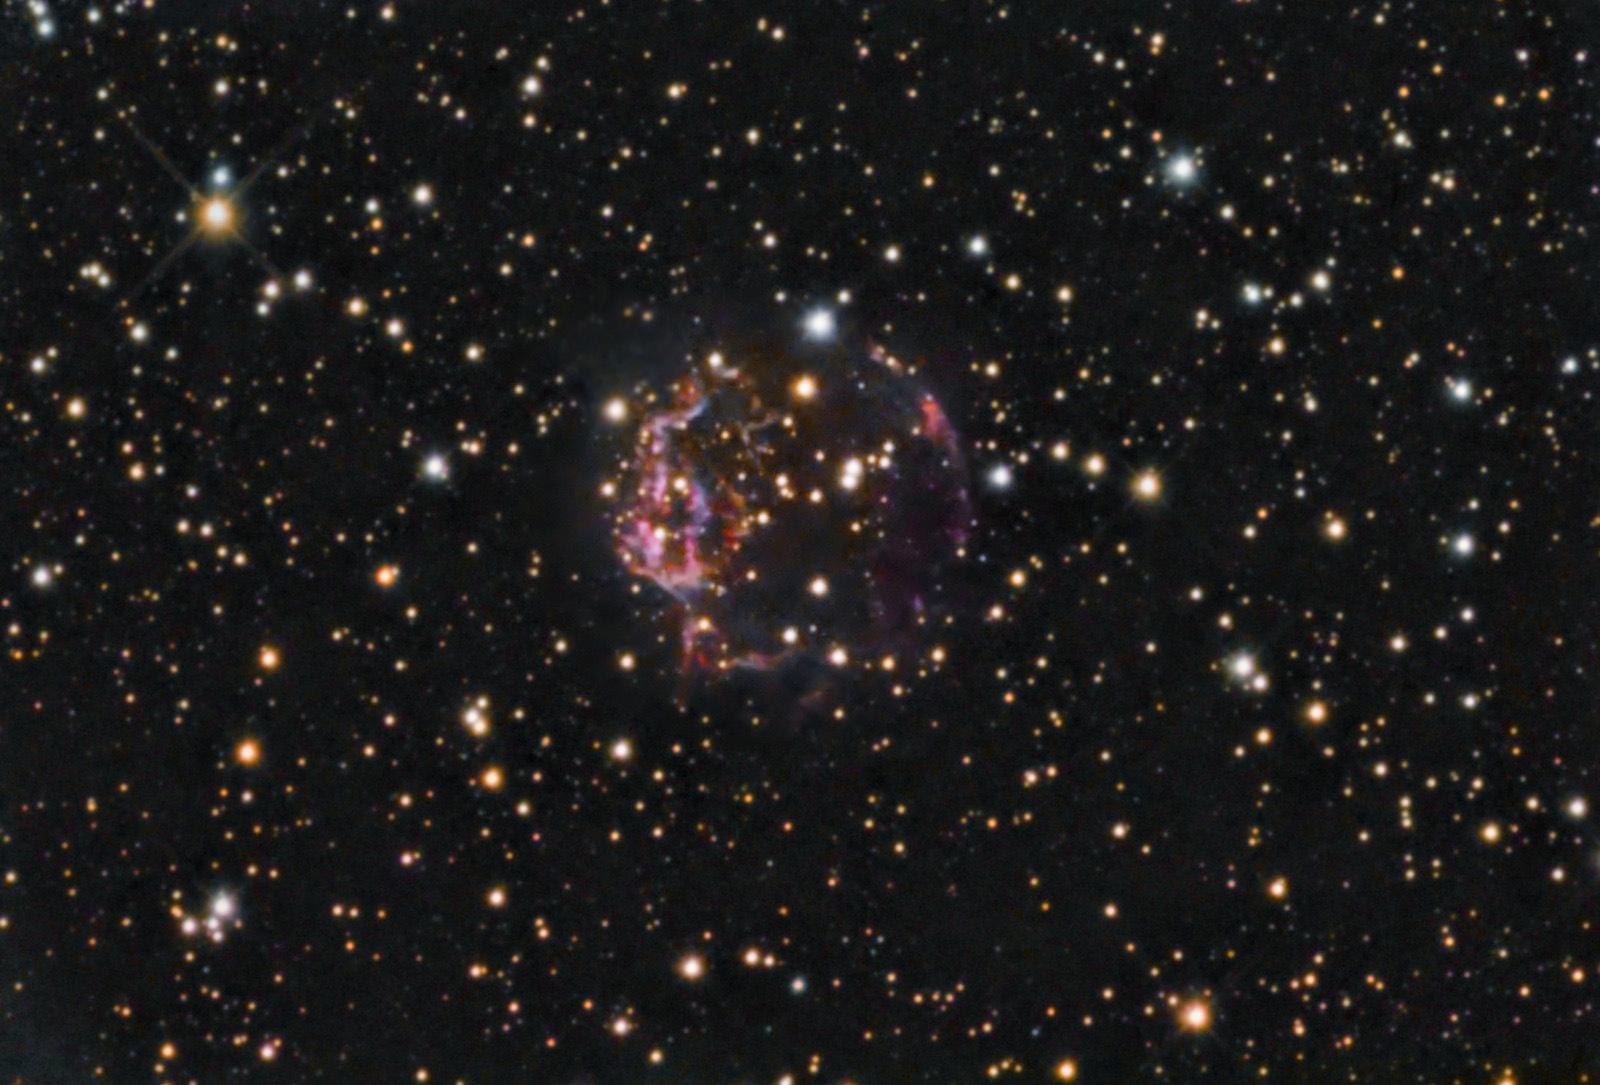 Cas-A Supernova Remnant